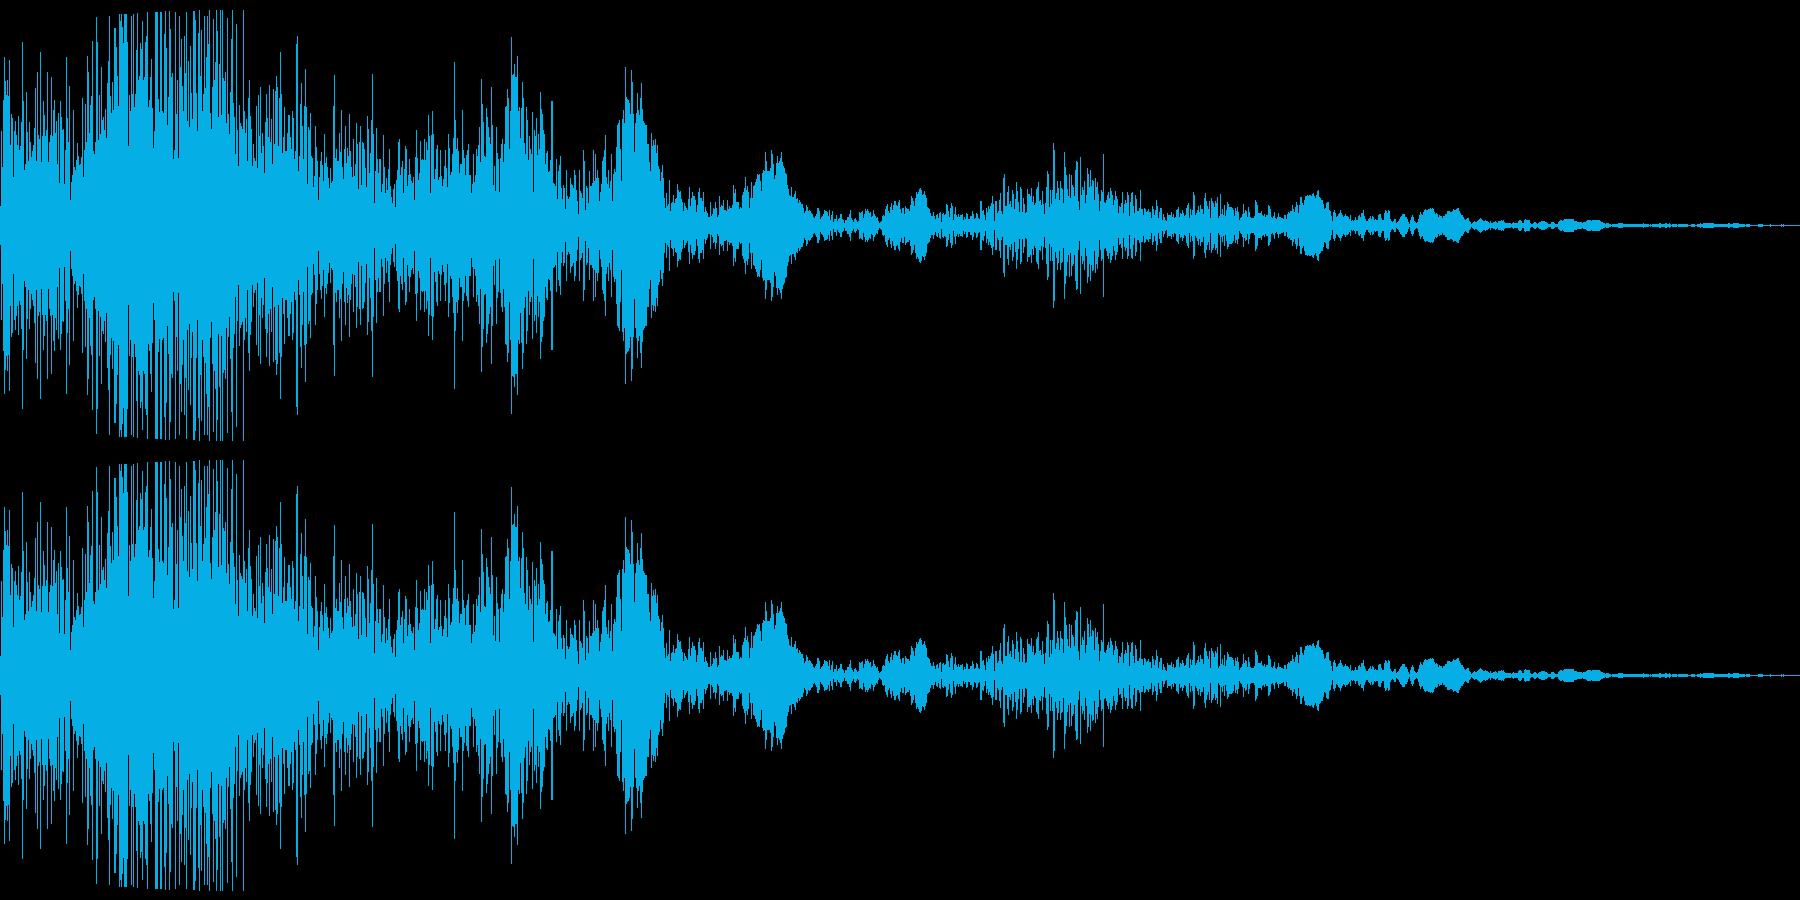 衝撃音(バンシュワッ)の再生済みの波形